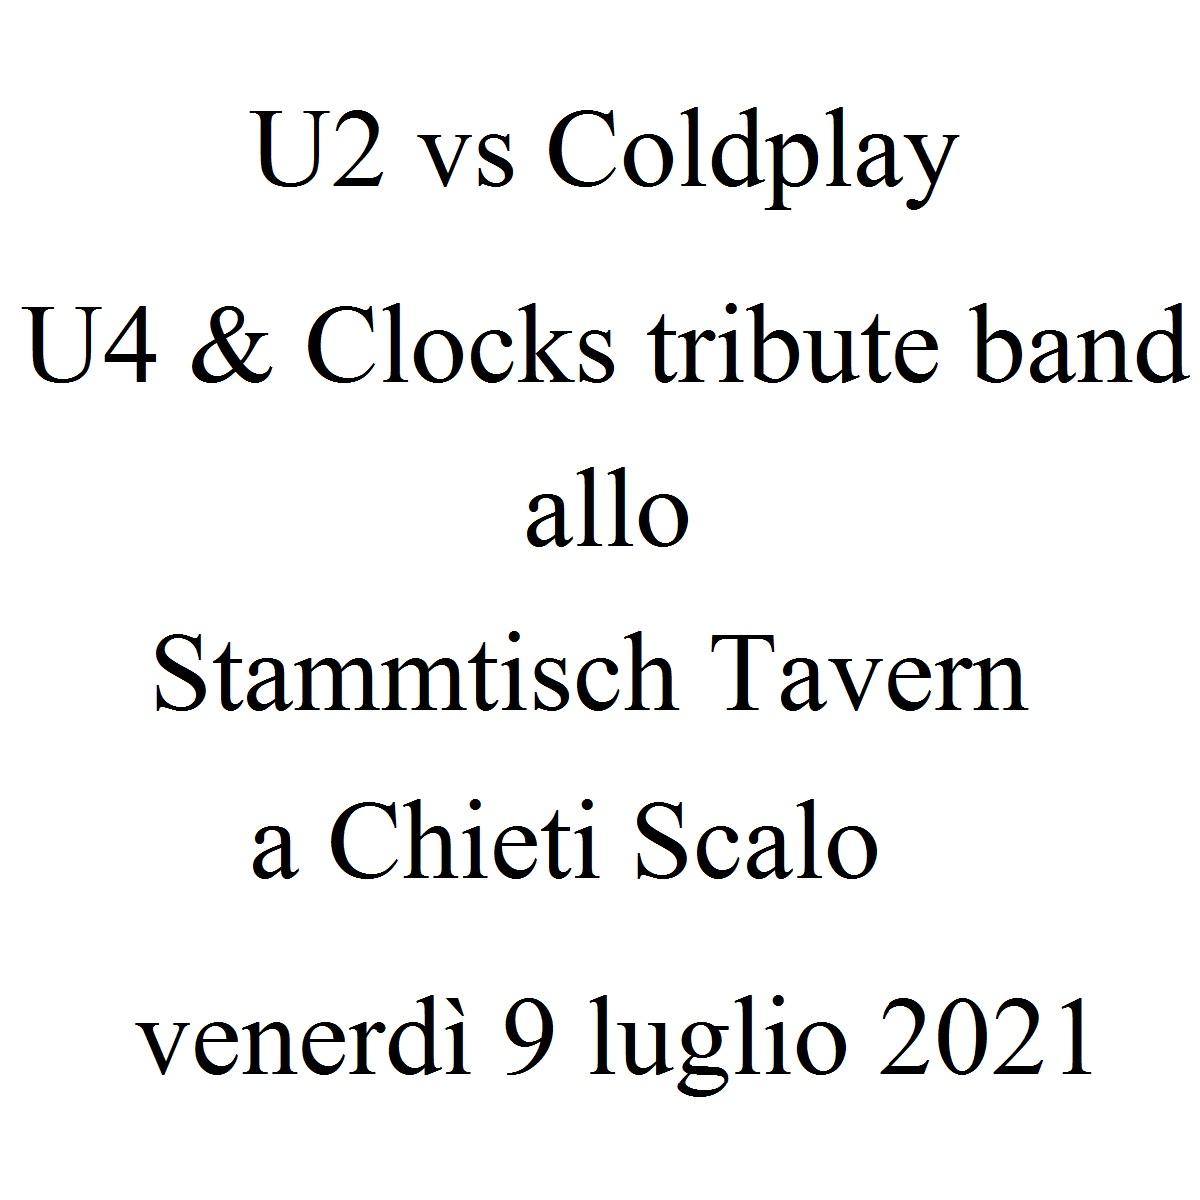 U2 vs Coldplay - U4 & Clocks tribute band 9 luglio 2021 foto